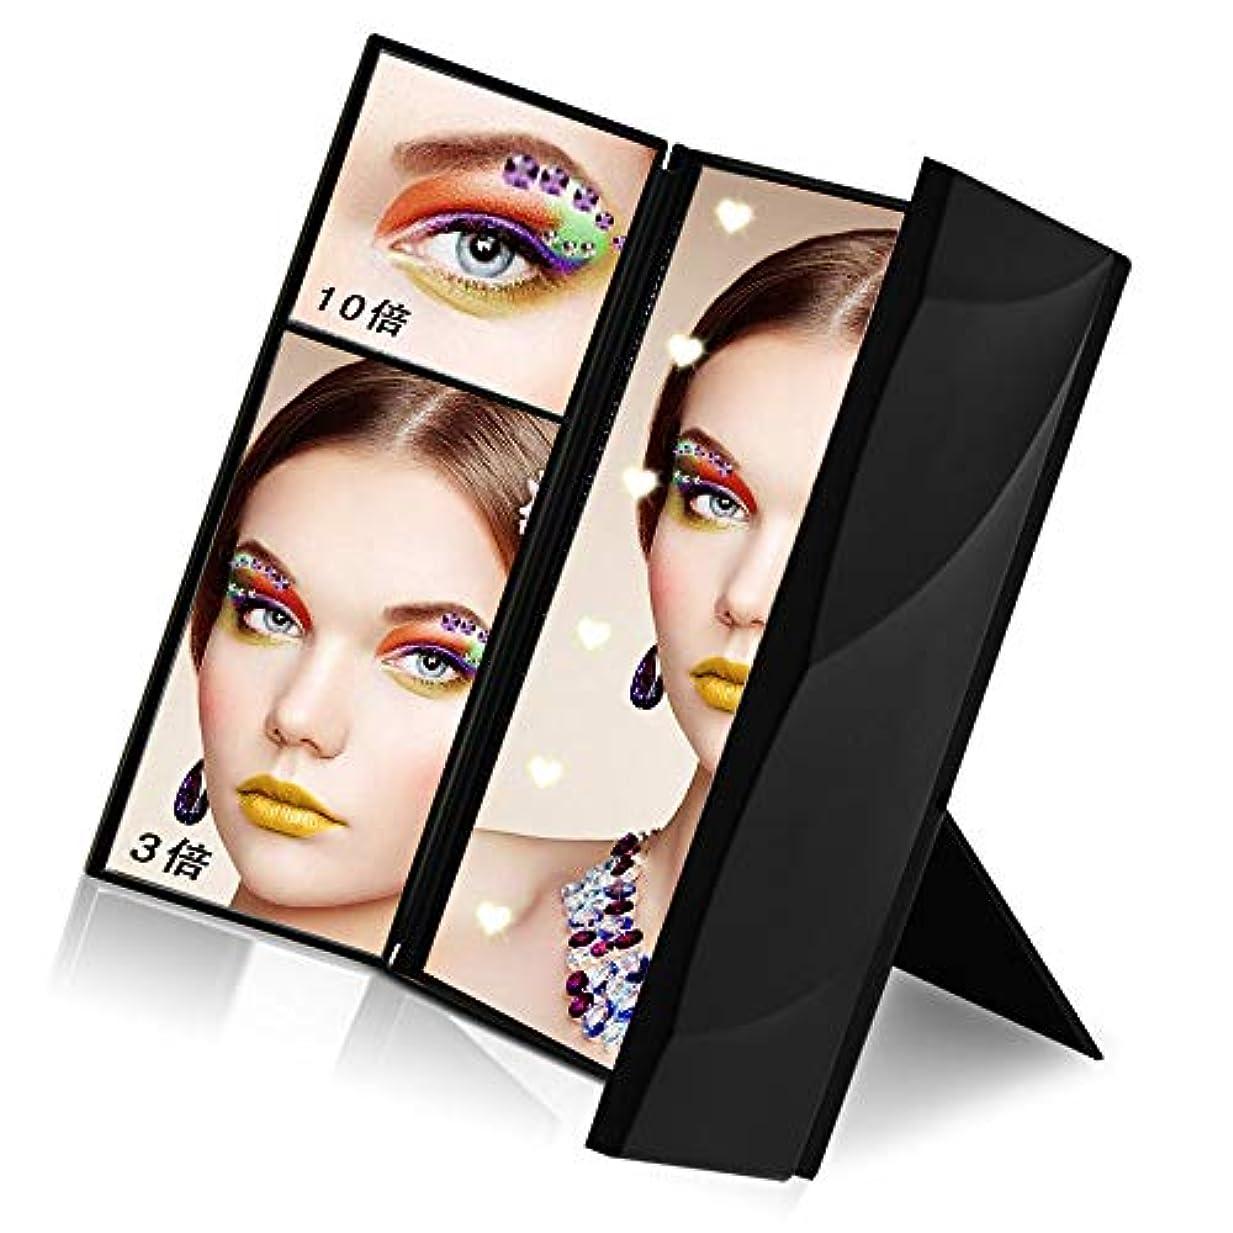 アイデアナット自治HTOMT 化粧鏡 ポータブル 卓上鏡 12個のLEDライト付ききトラベルミラー 三面鏡 折りたたみ 拡大鏡2倍&3倍&10倍 調整可能 電池型 ブラック